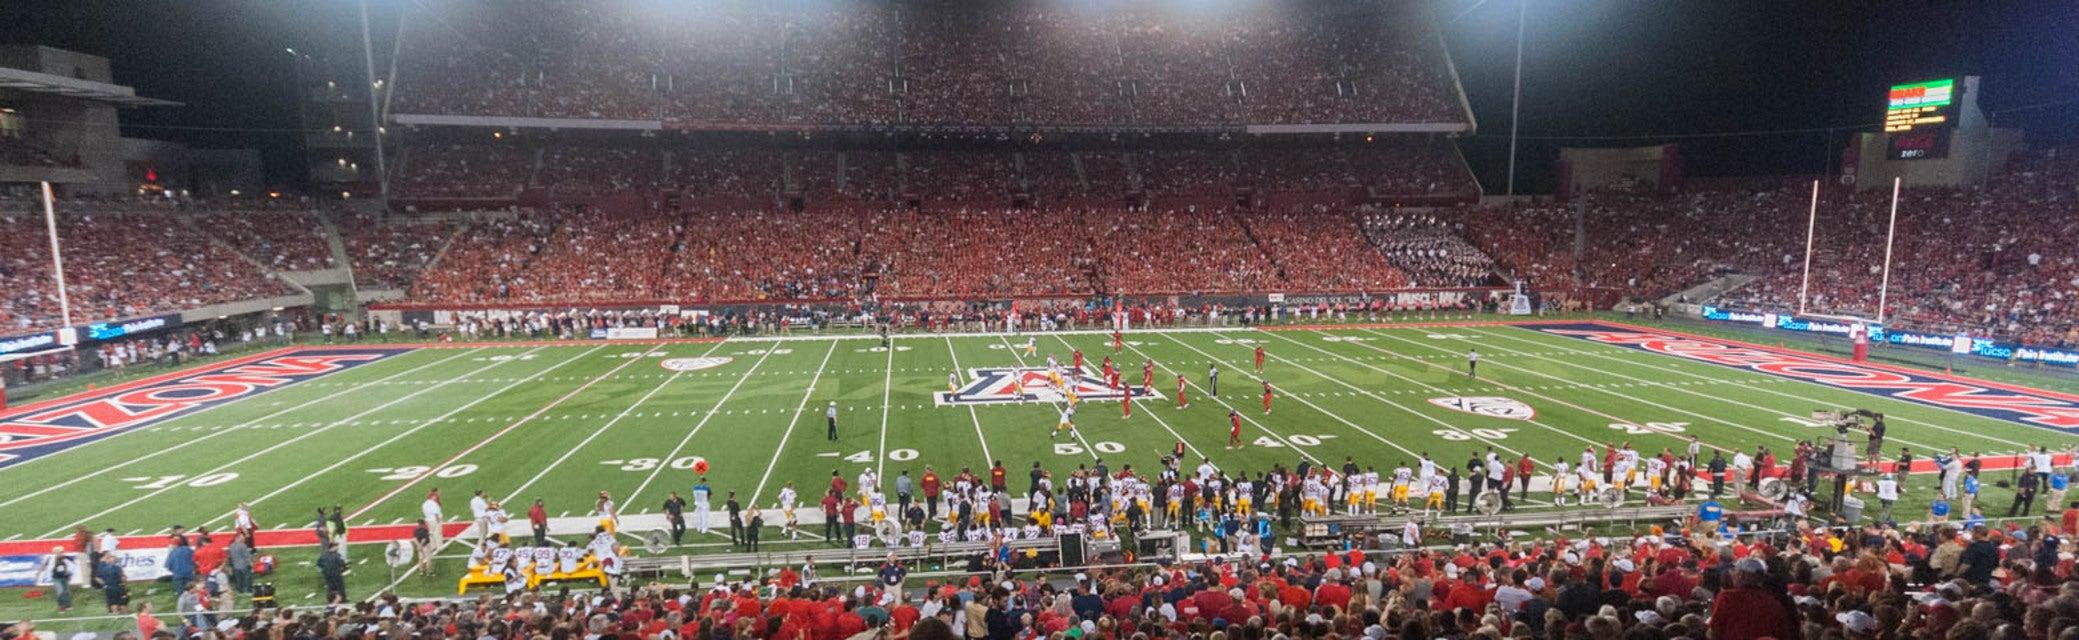 U of Arizona Football Tickets